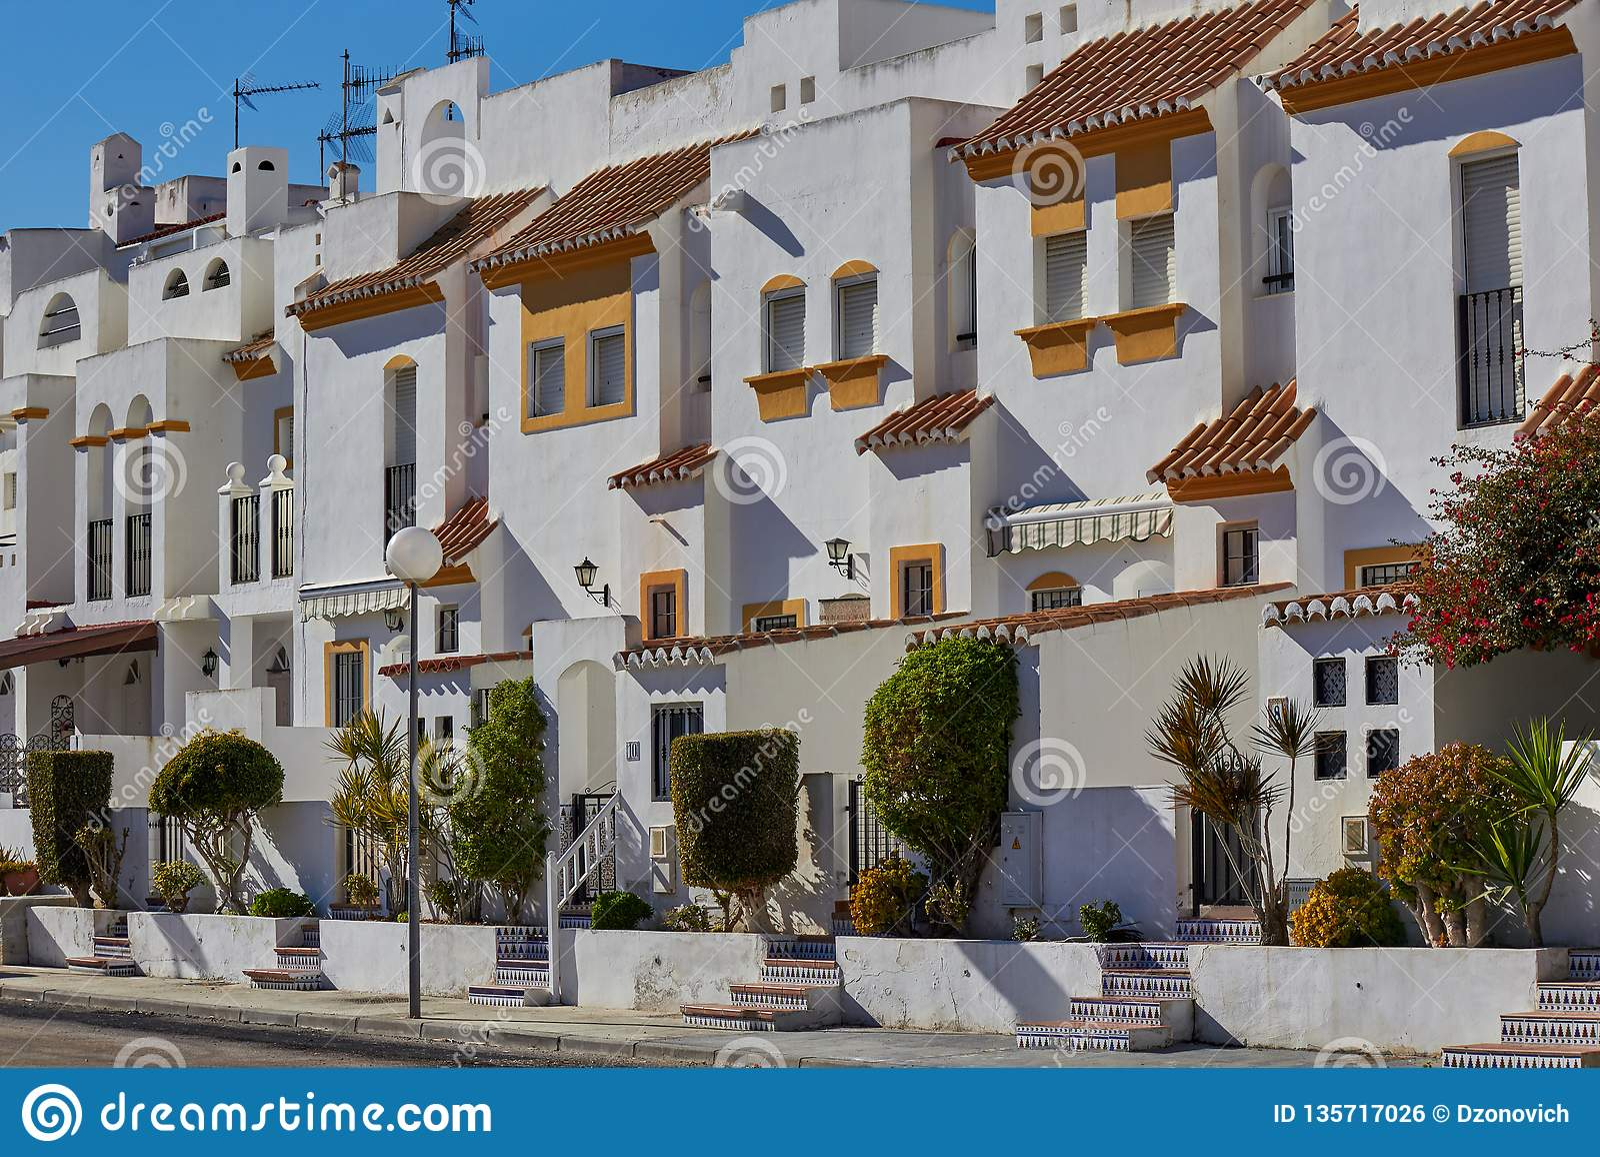 Kolorowa ulica z białymi domami